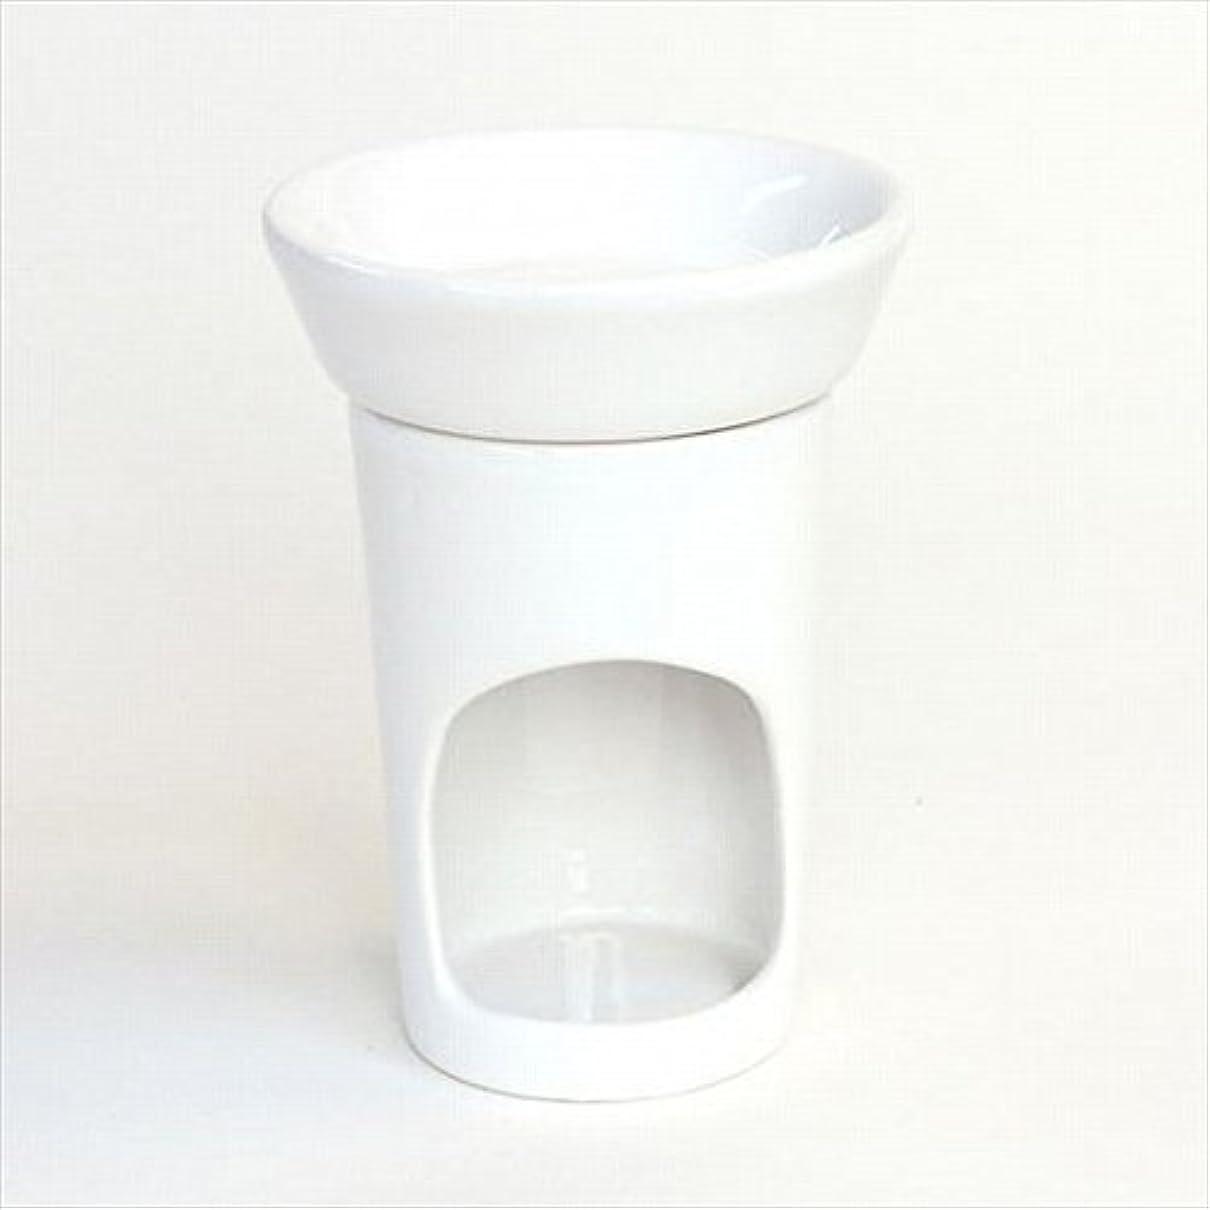 王族小さい威信kameyama candle(カメヤマキャンドル) ブランタルトウォーマー キャンドル 78x78x116mm (J5250000)